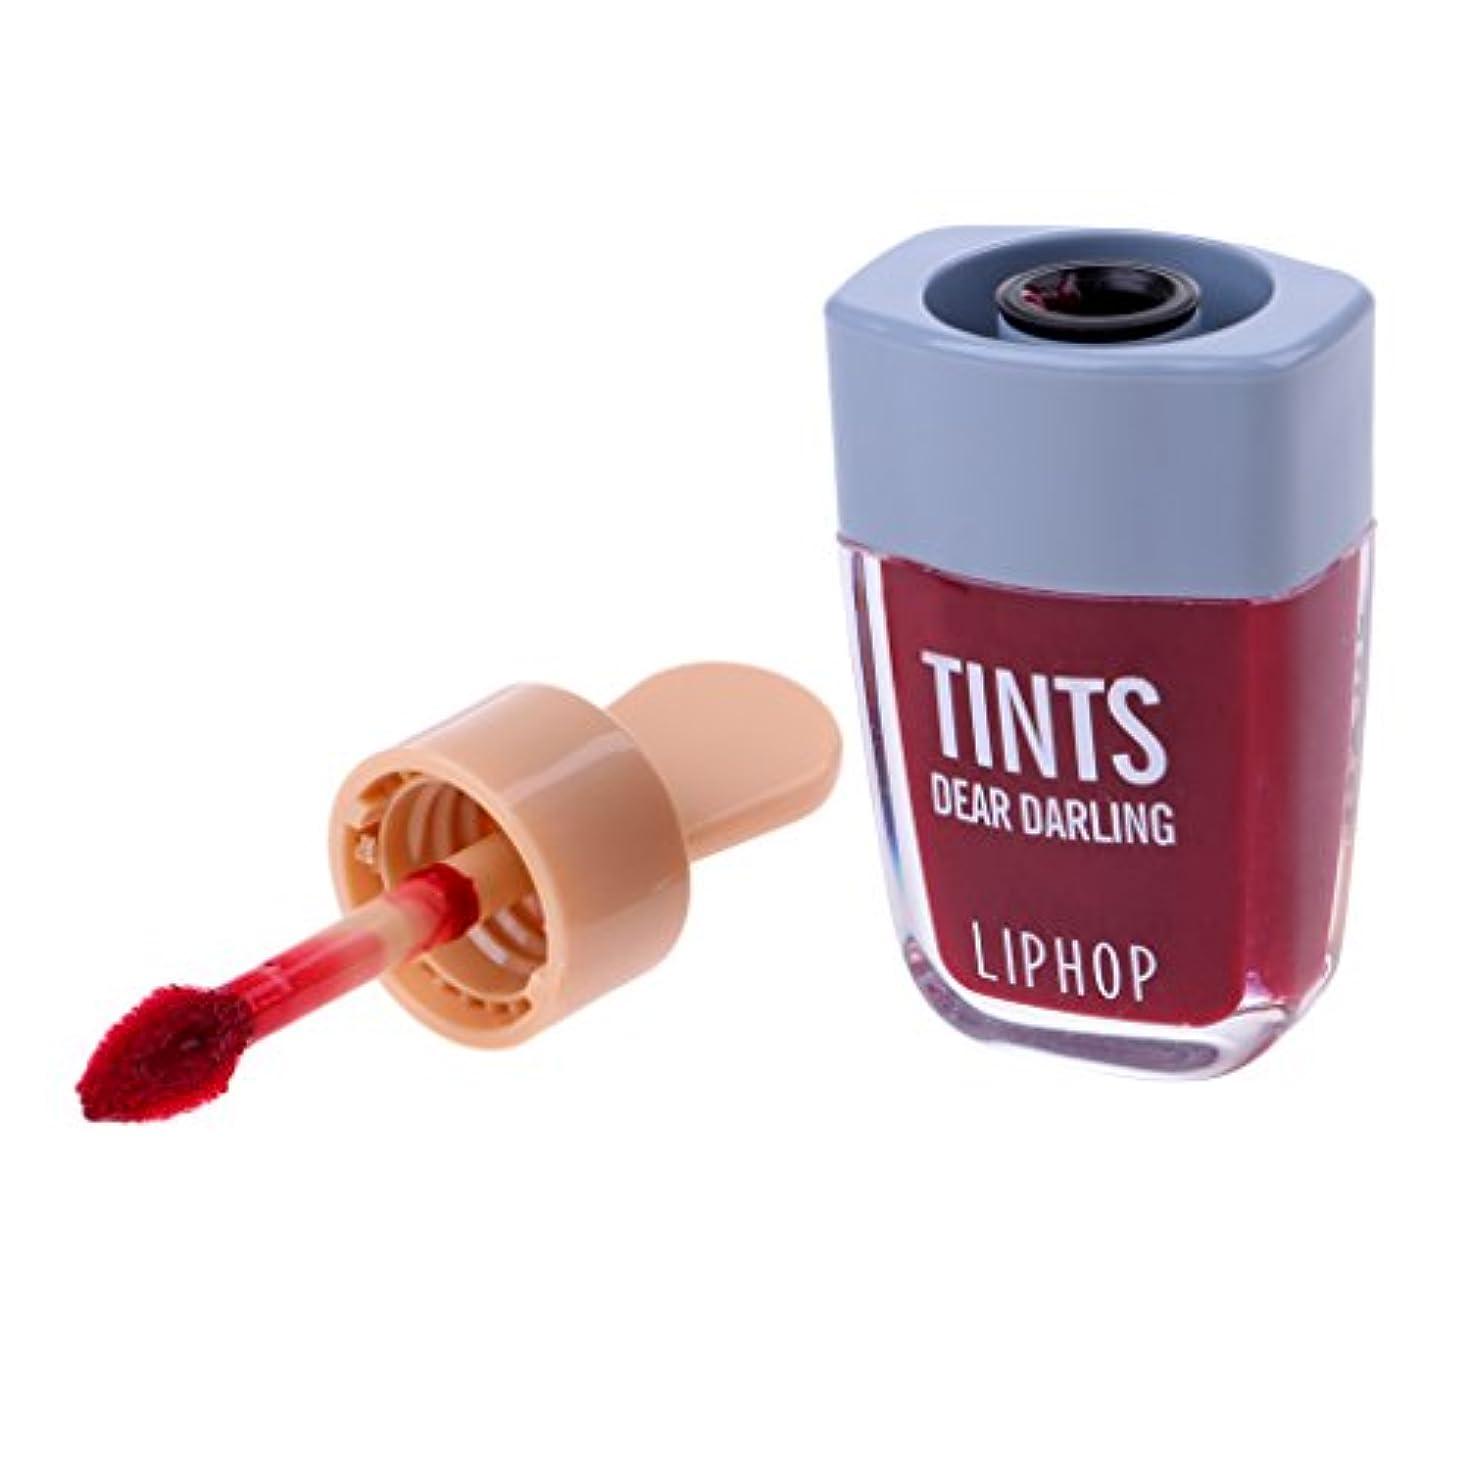 おしゃれなマイルド二度口紅 メイクアップ リップグロス リップステイン リップウォーター メークアップ 6色選べる - ワインレッド